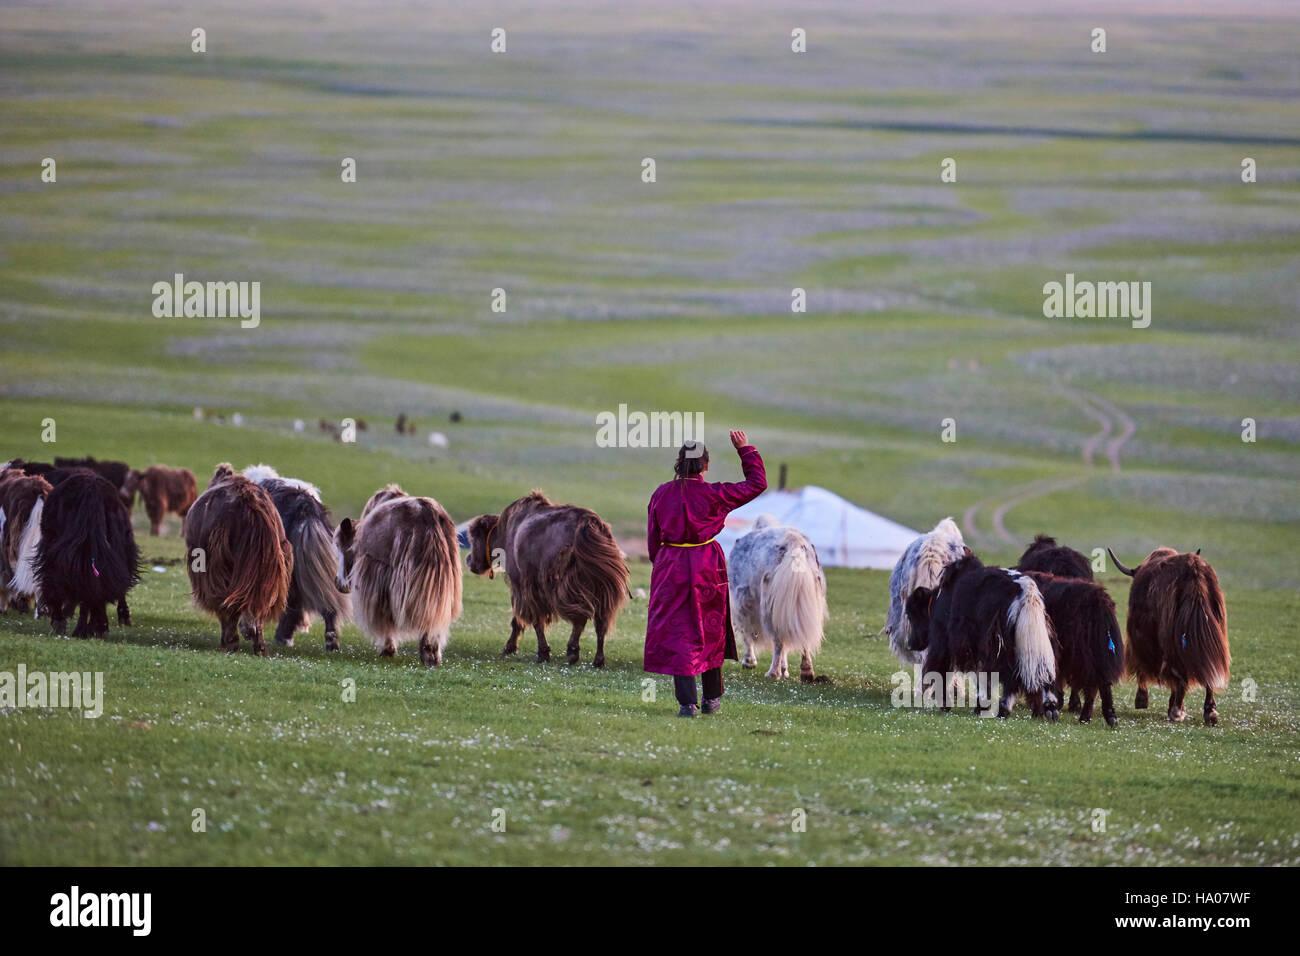 L'Asie centrale Mongolie indépendante Asia travel travel destination culture mondiale mot yak destination Photo Stock